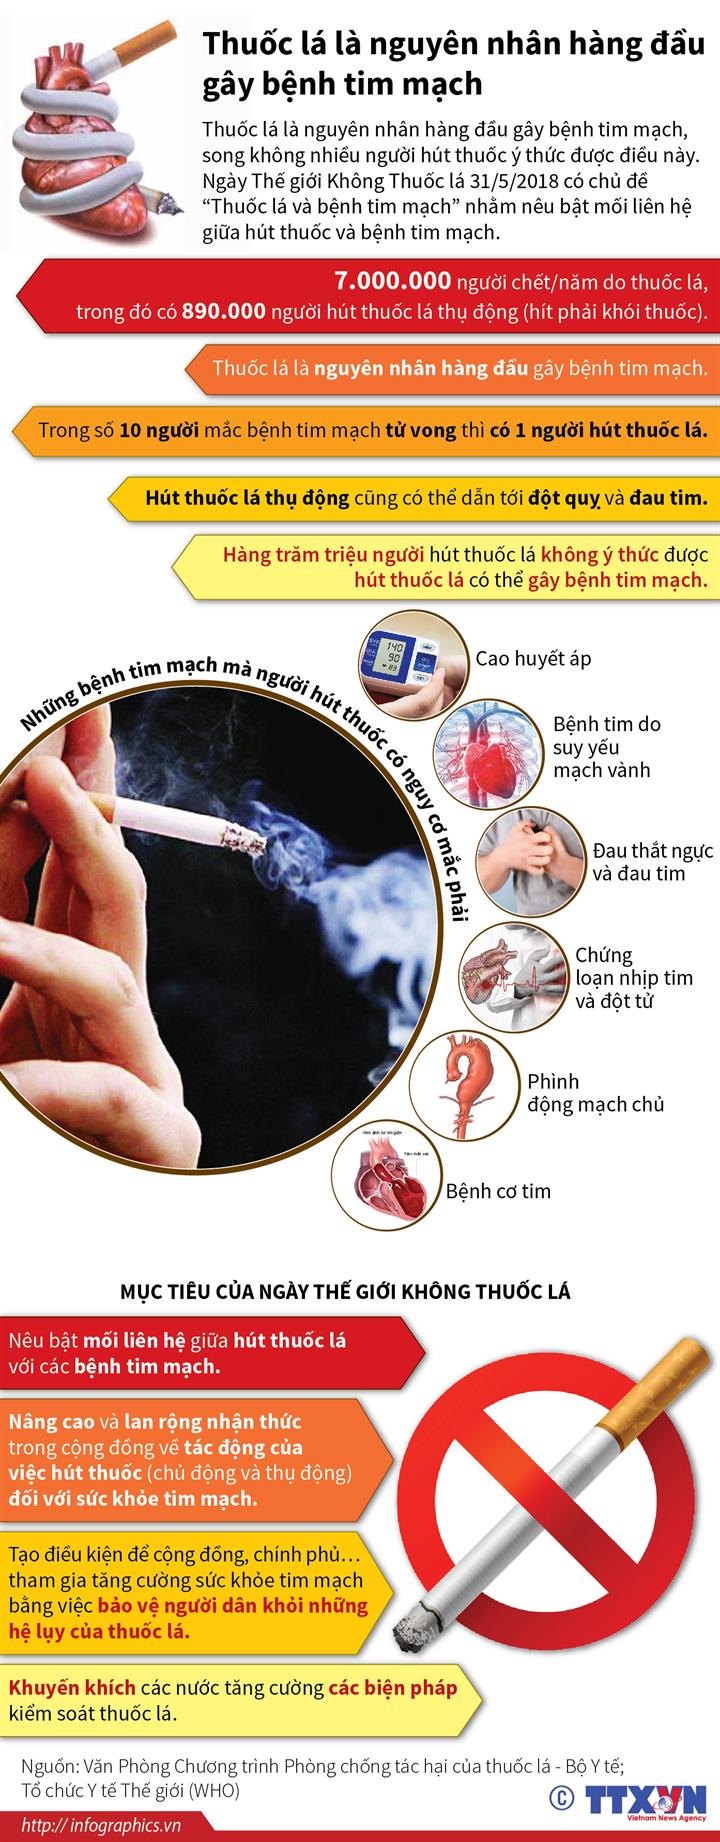 Thuốc lá là nguyên nhân hàng đầu gây bệnh tim mạch